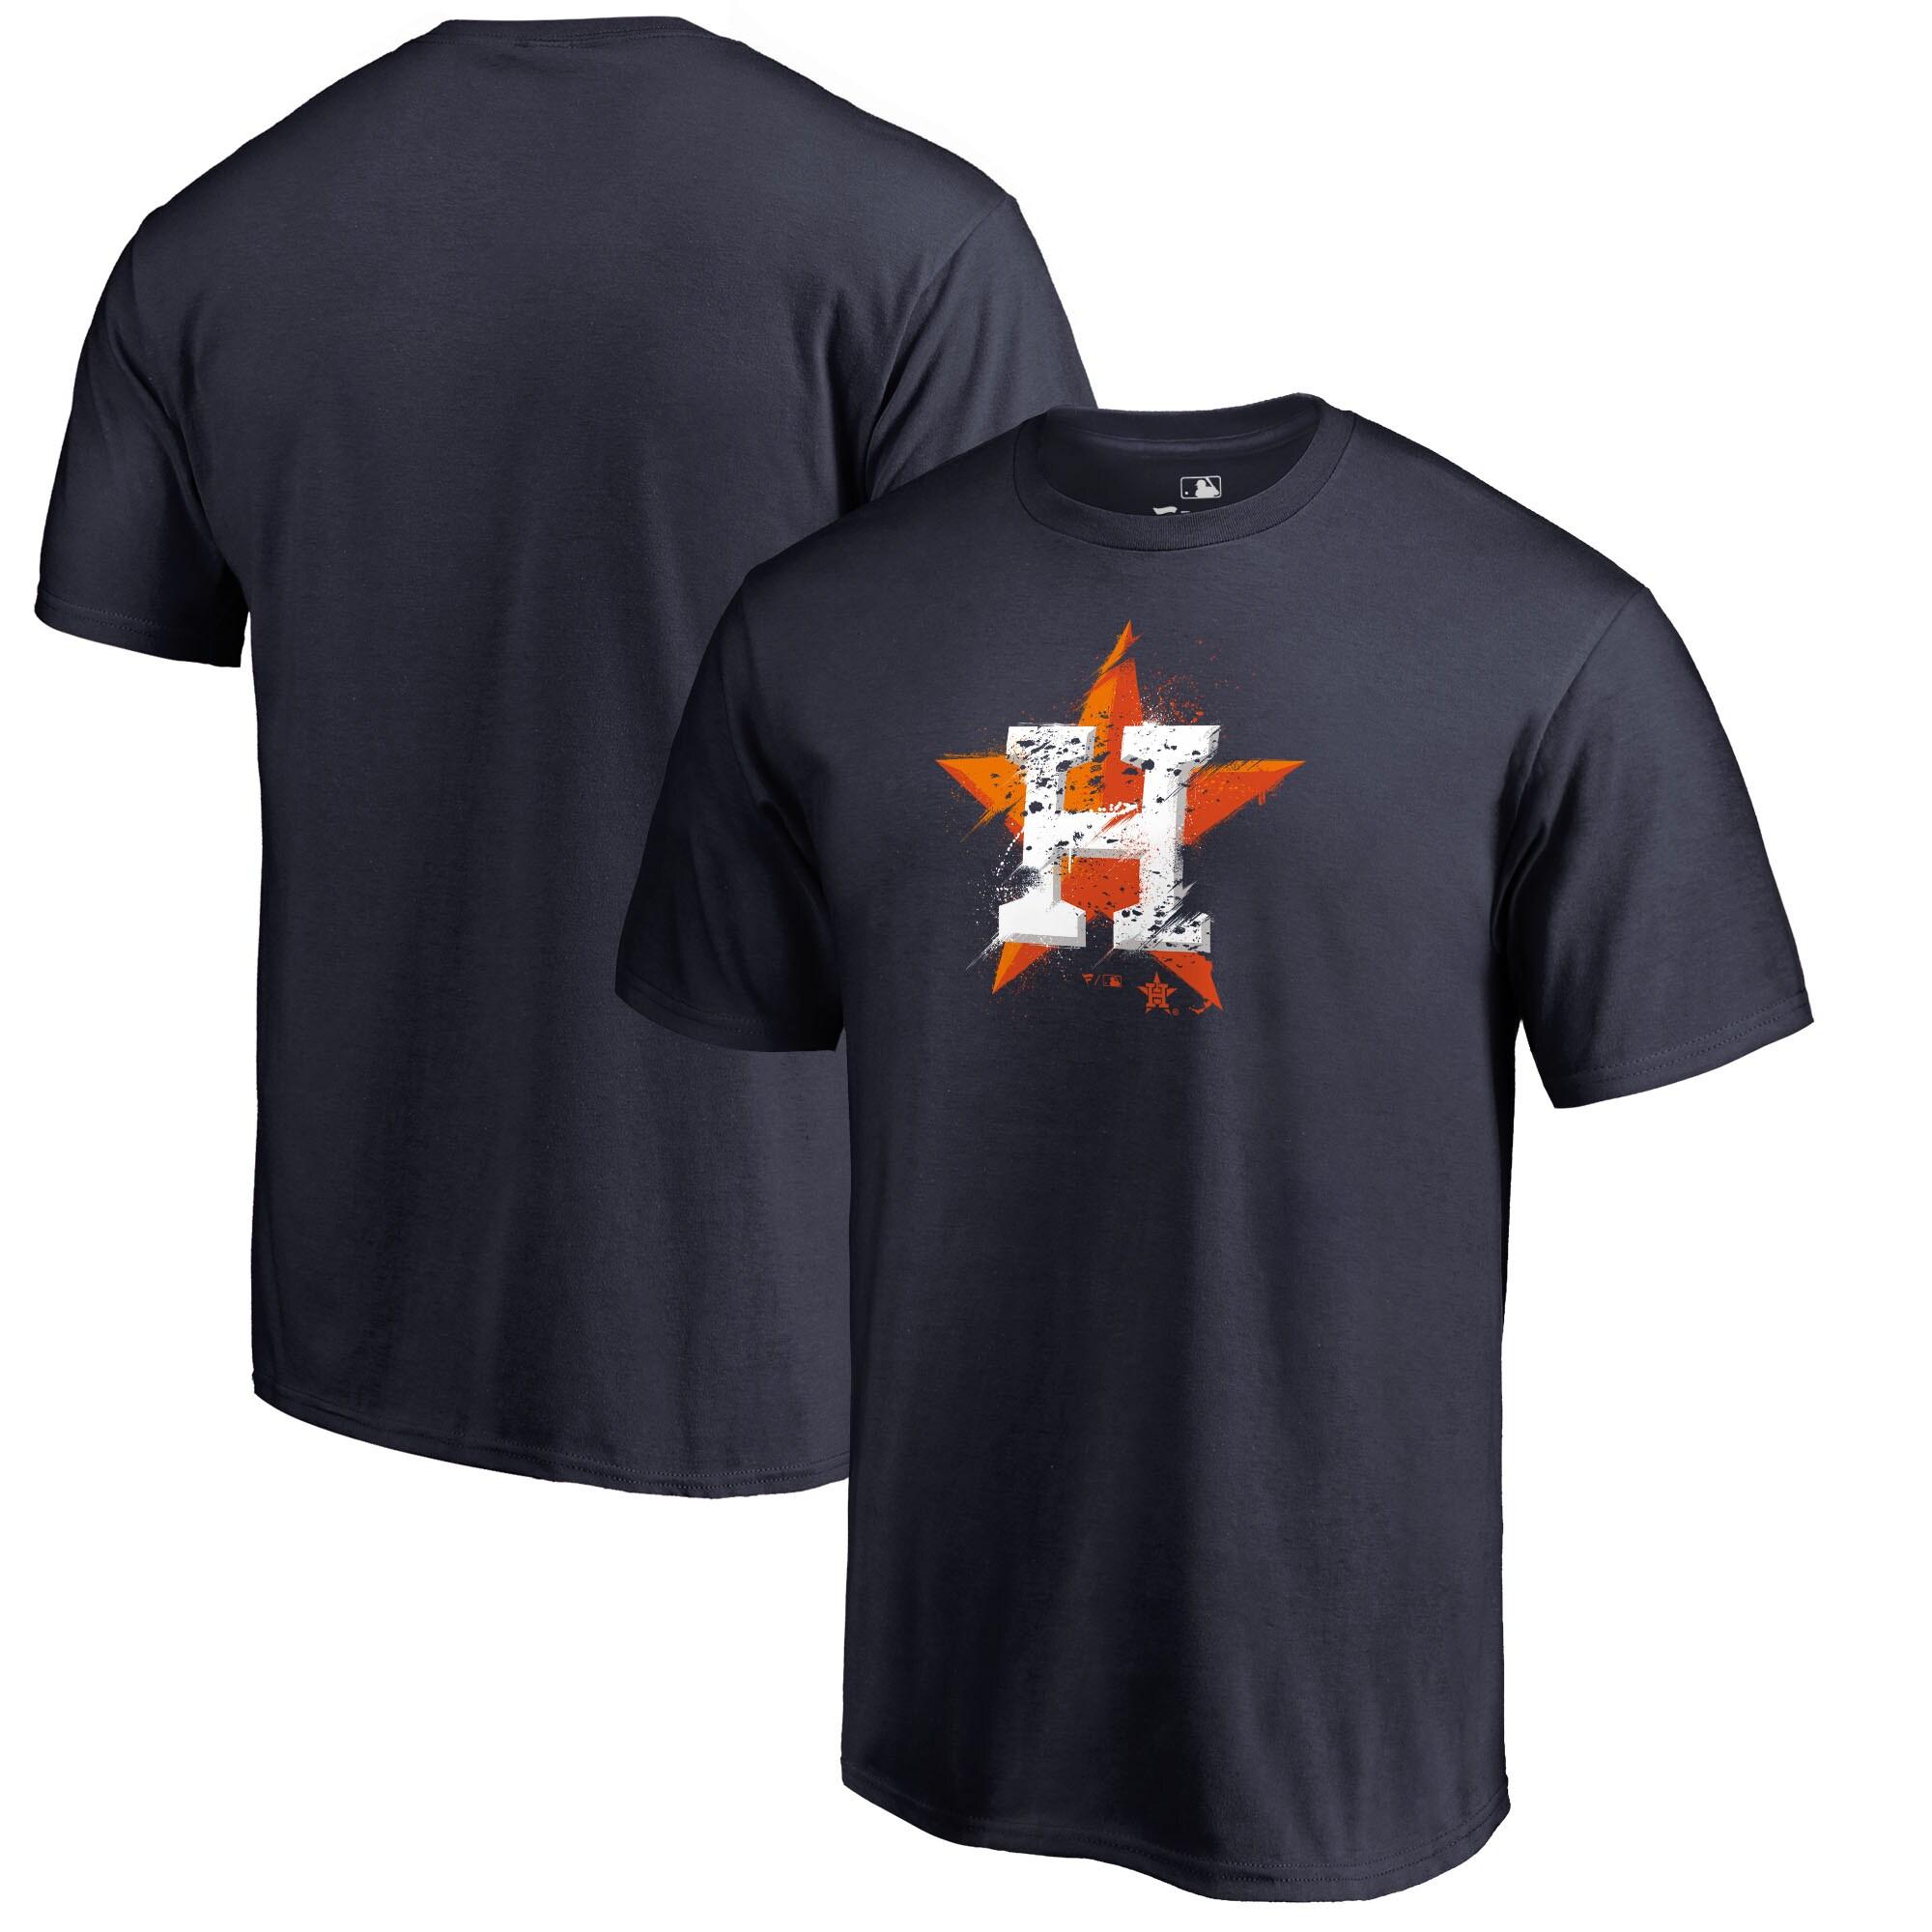 Houston Astros Fanatics Branded Splatter Logo T-Shirt - Navy